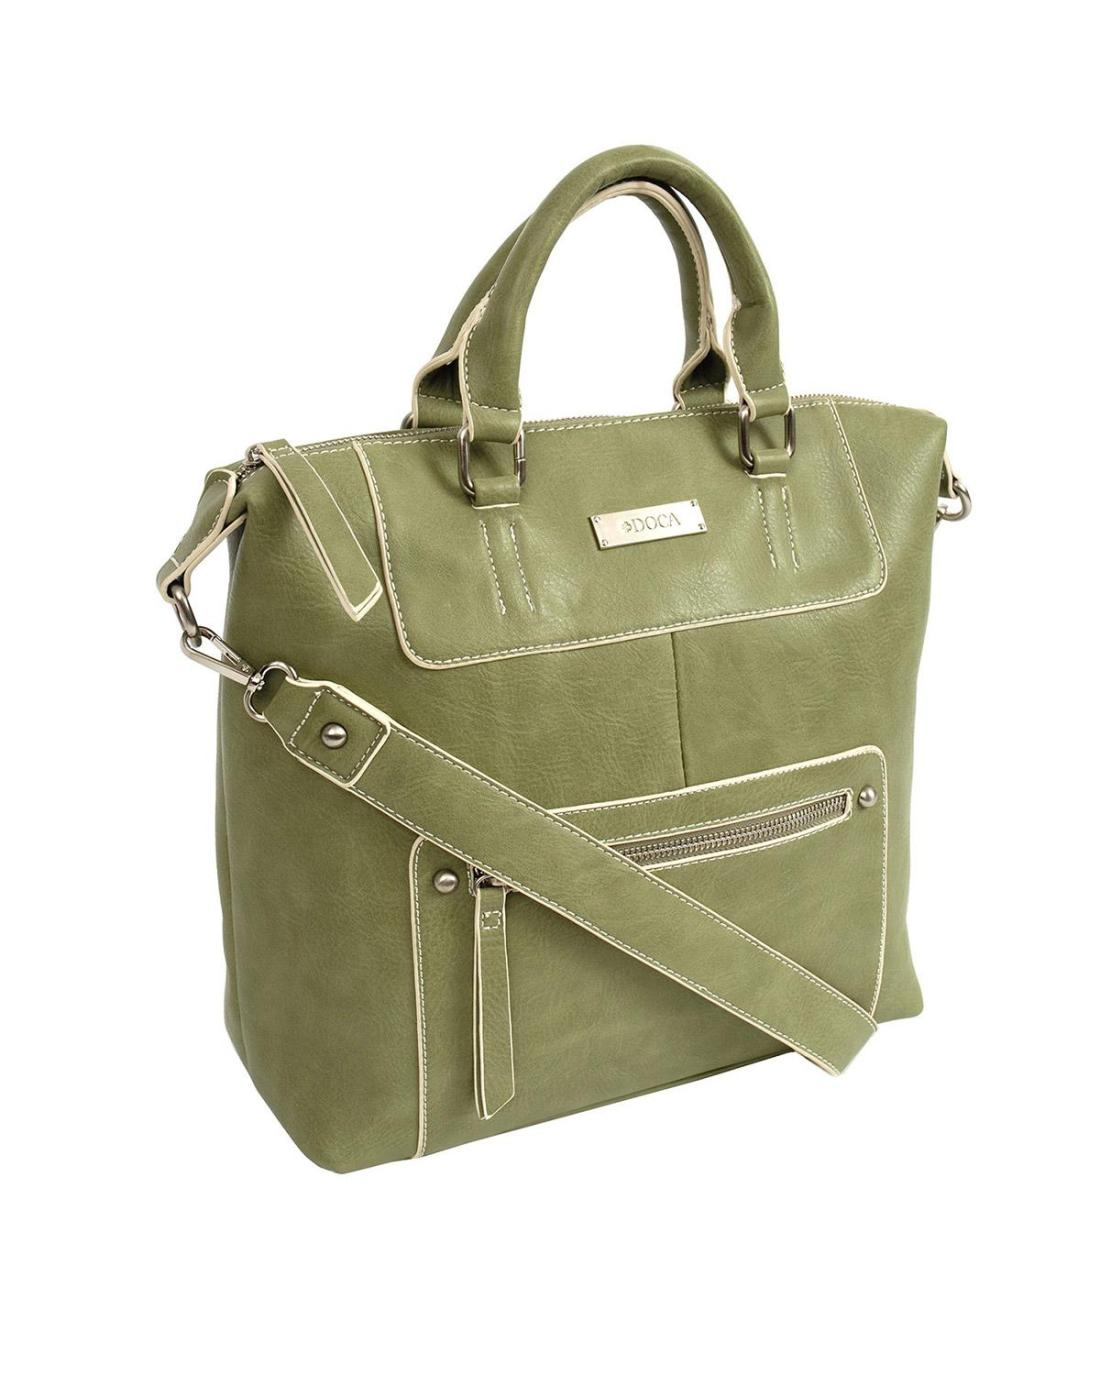 Handtasche khaki